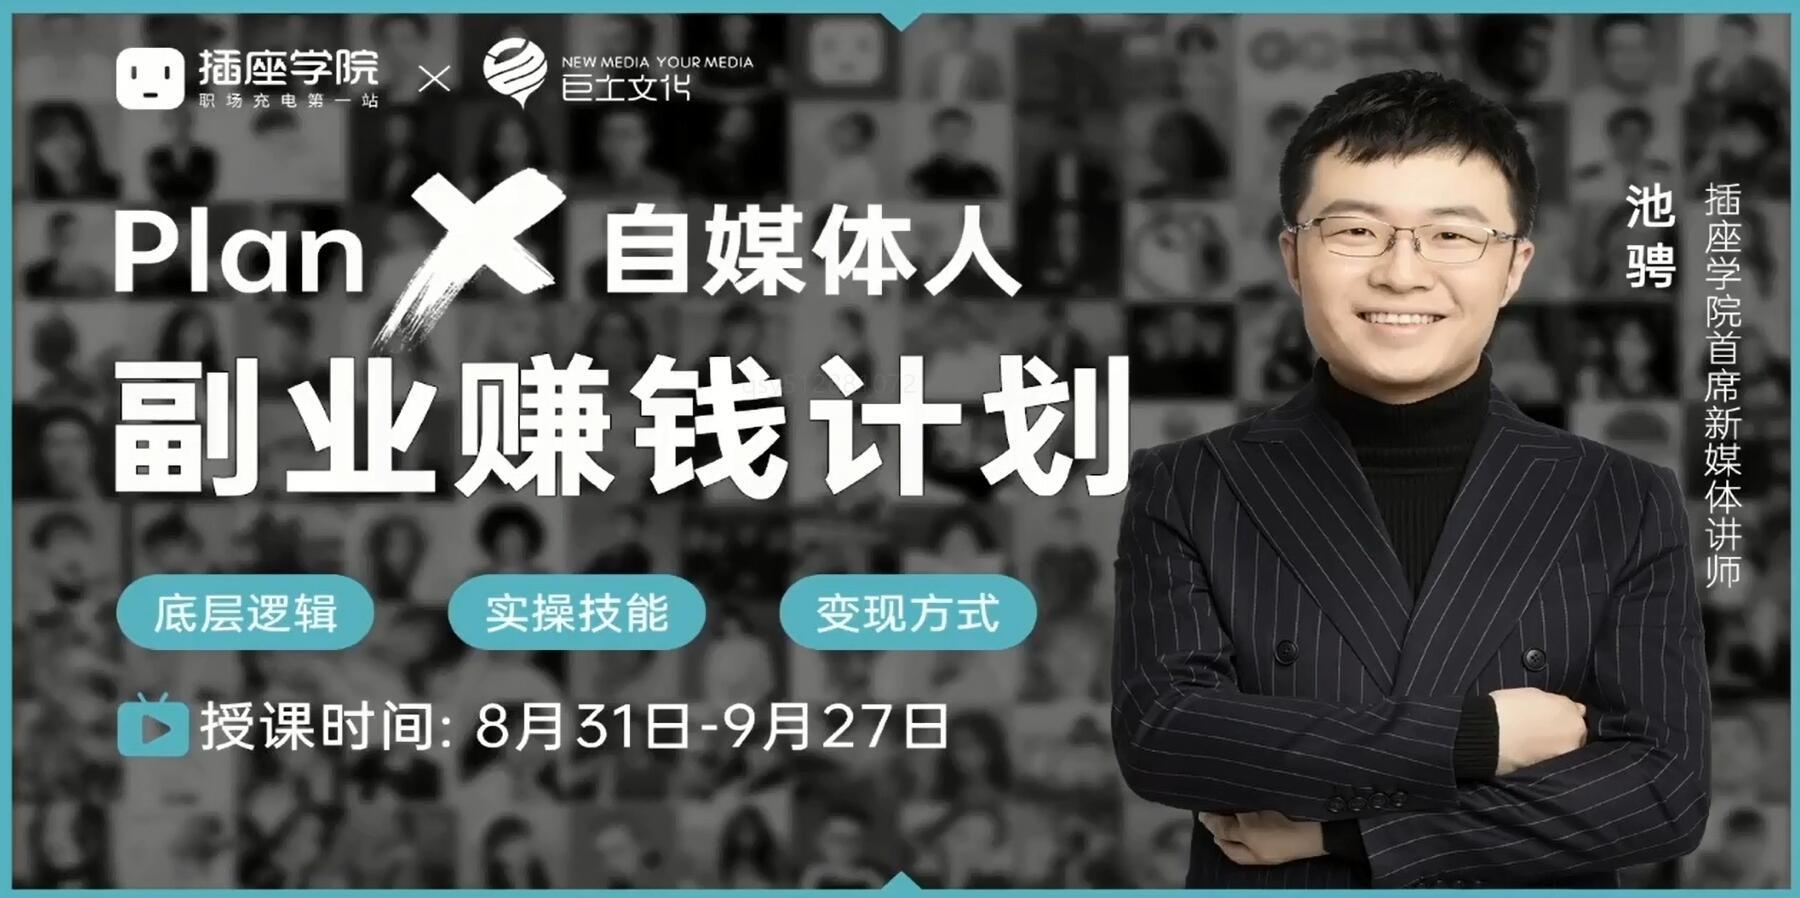 驰骋Plan X 自媒体人副业赚钱计划